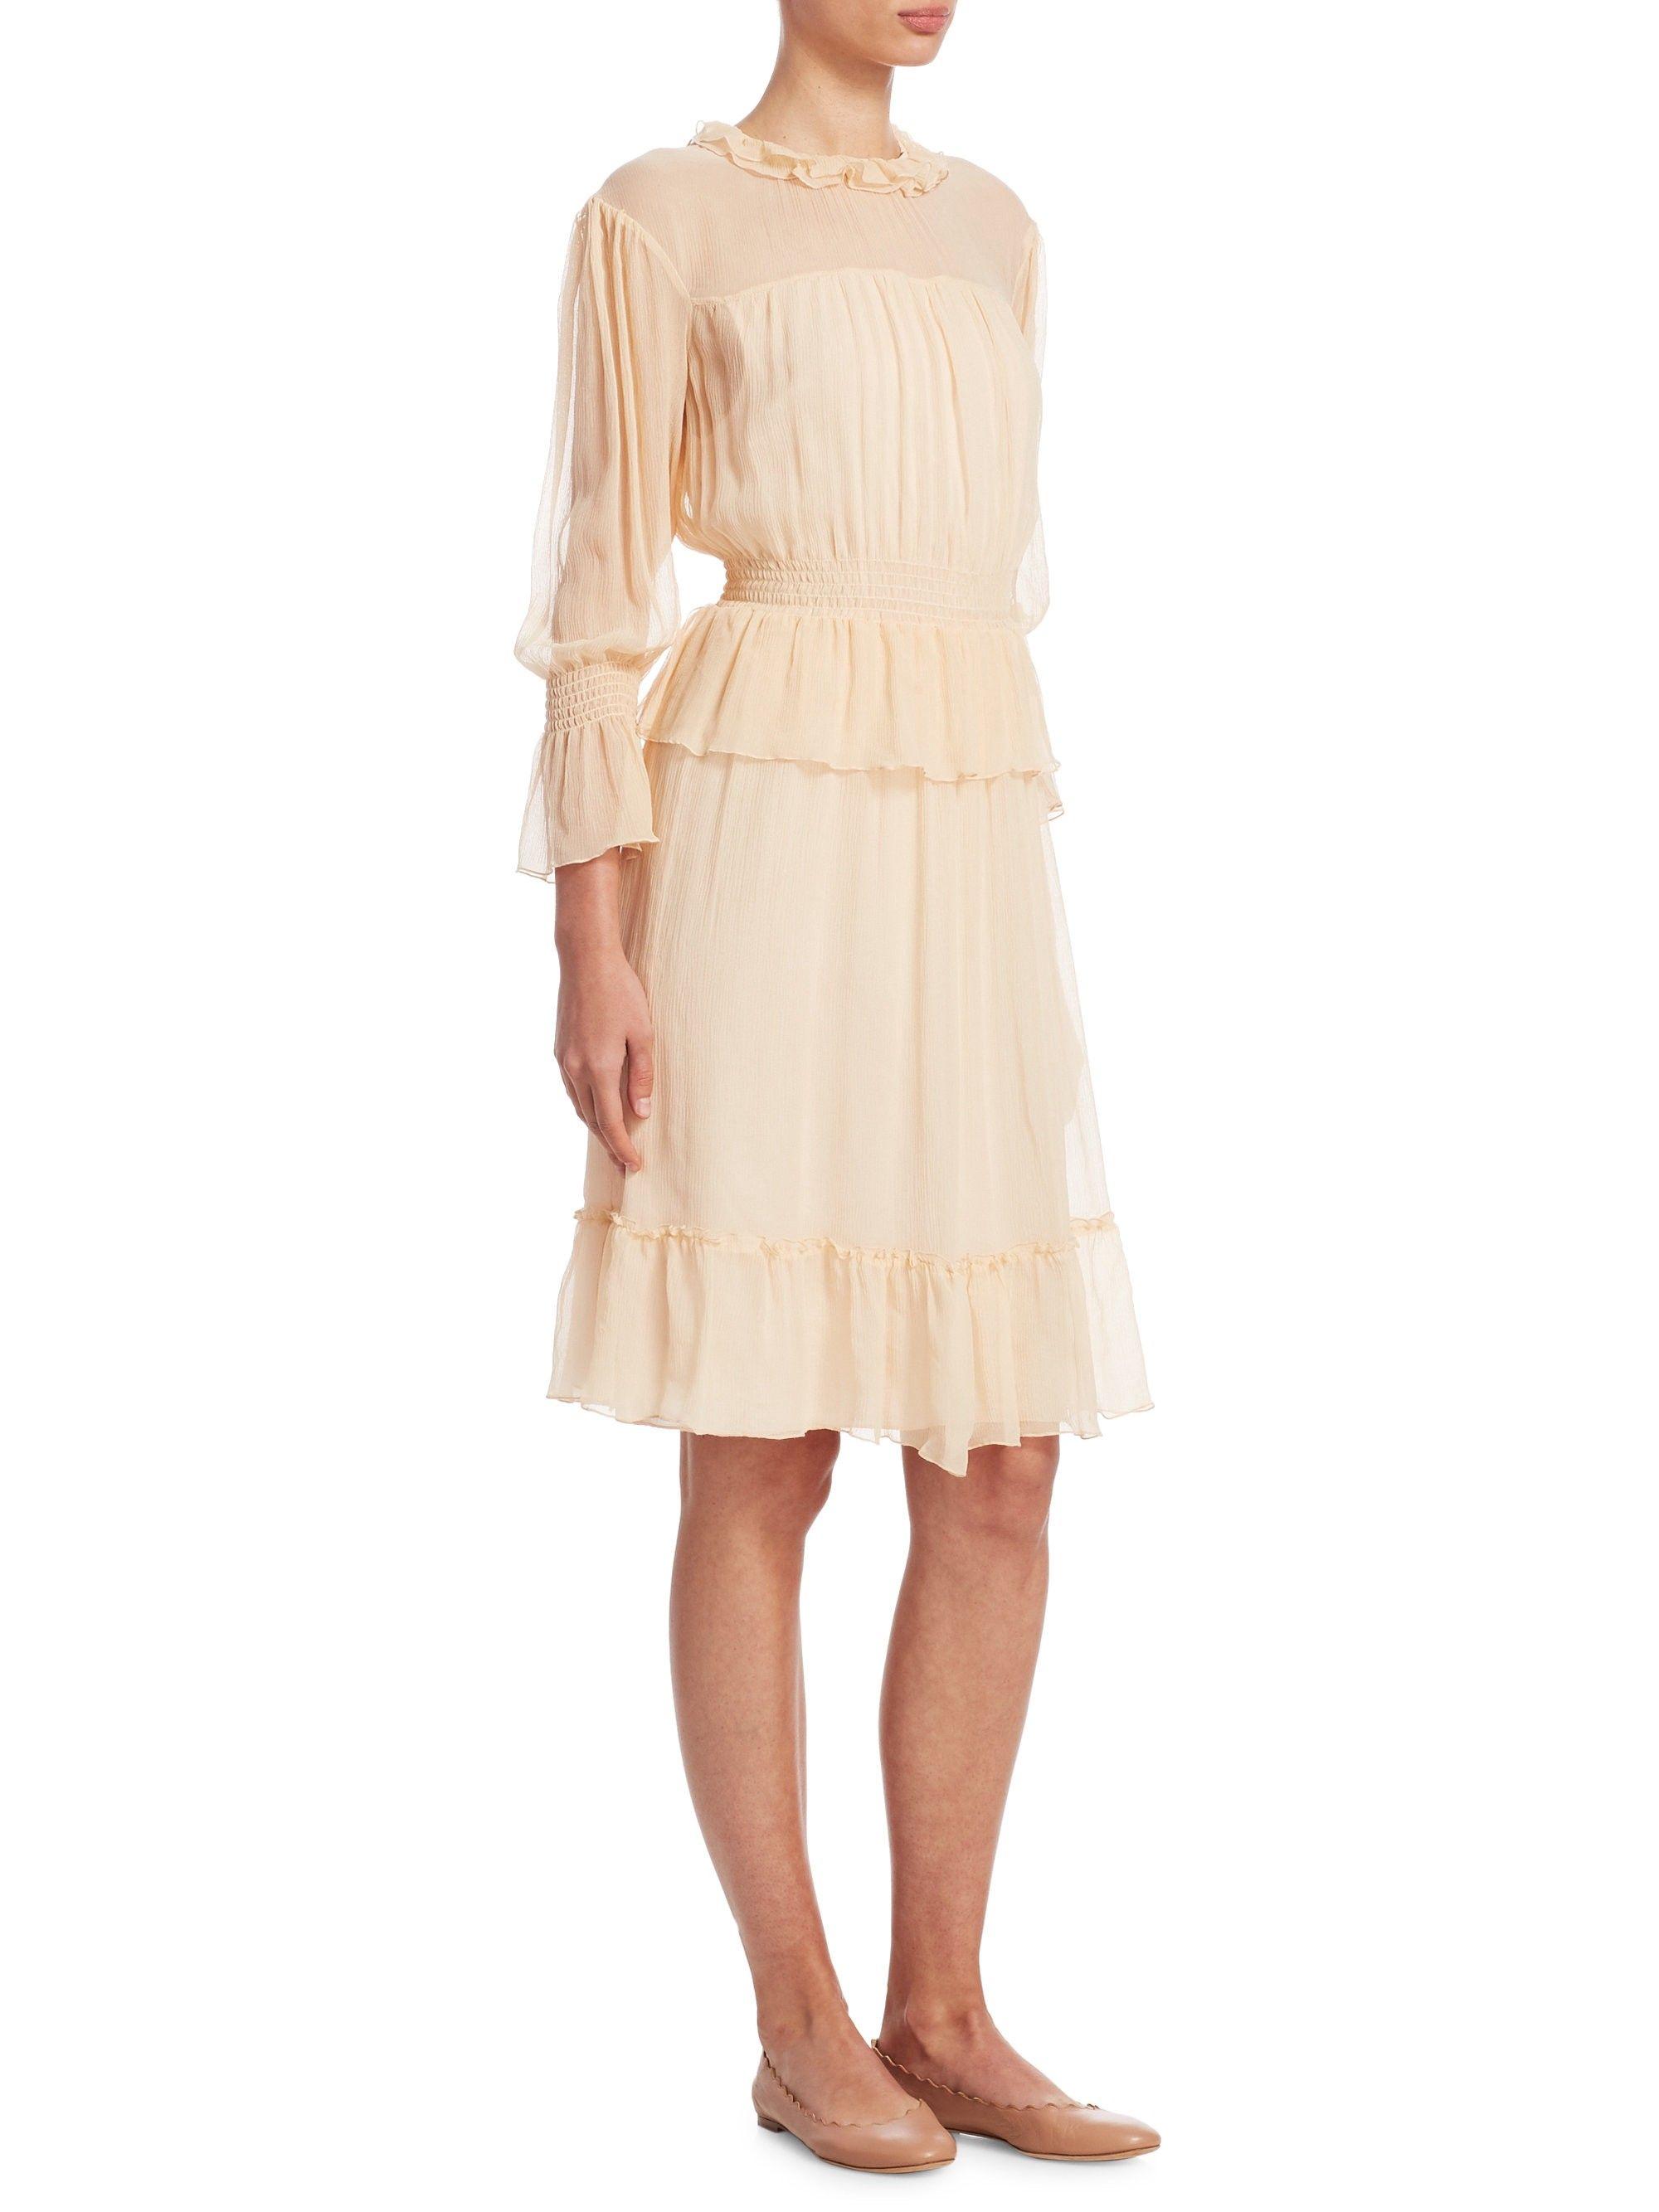 6ac408e04d4 See By Chloé Silk Flounce Dress - Honey Nude 44 (10)